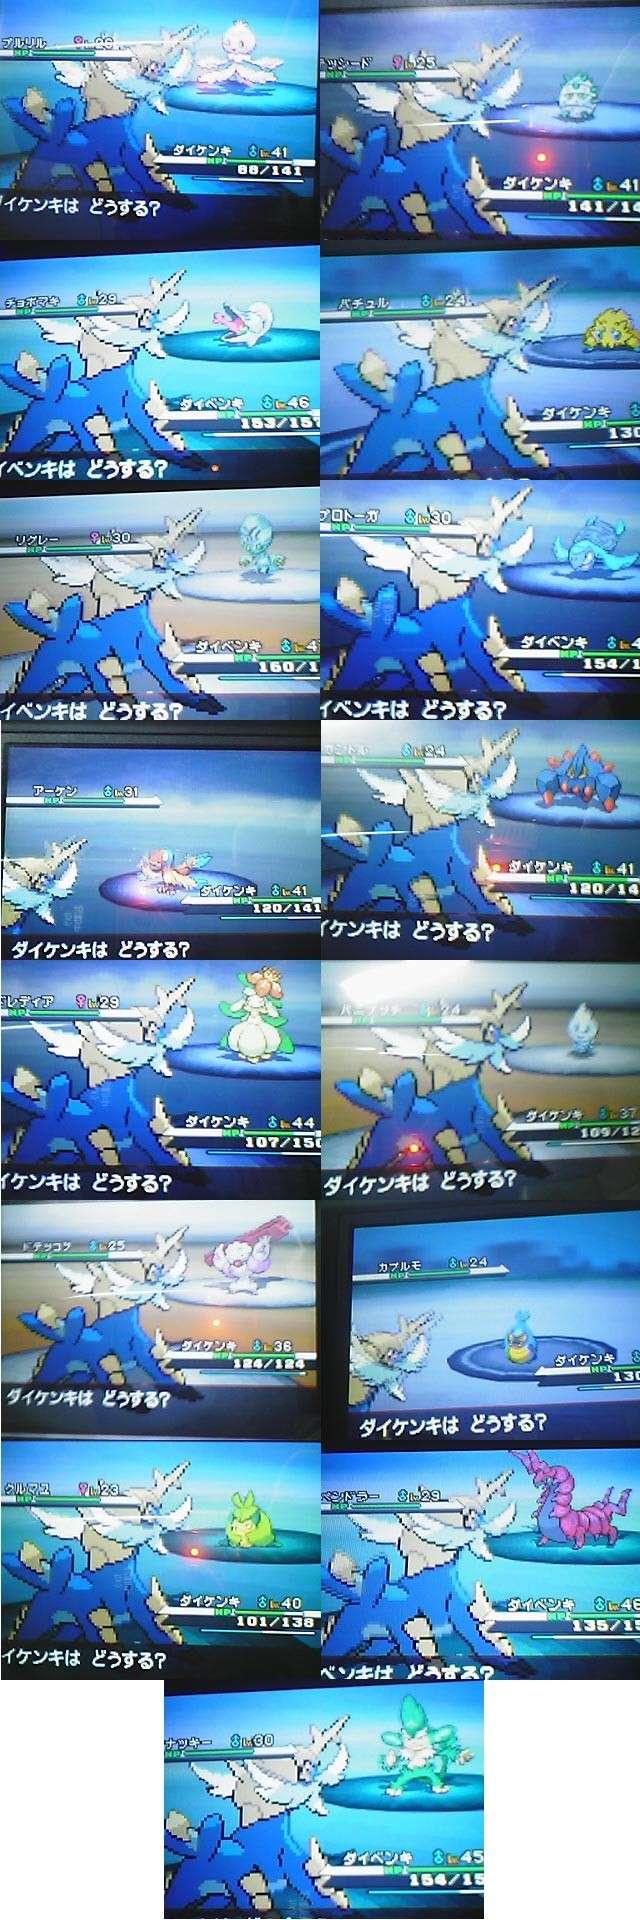 Pokémon Noir et Blanc : screen en pagaille 38110